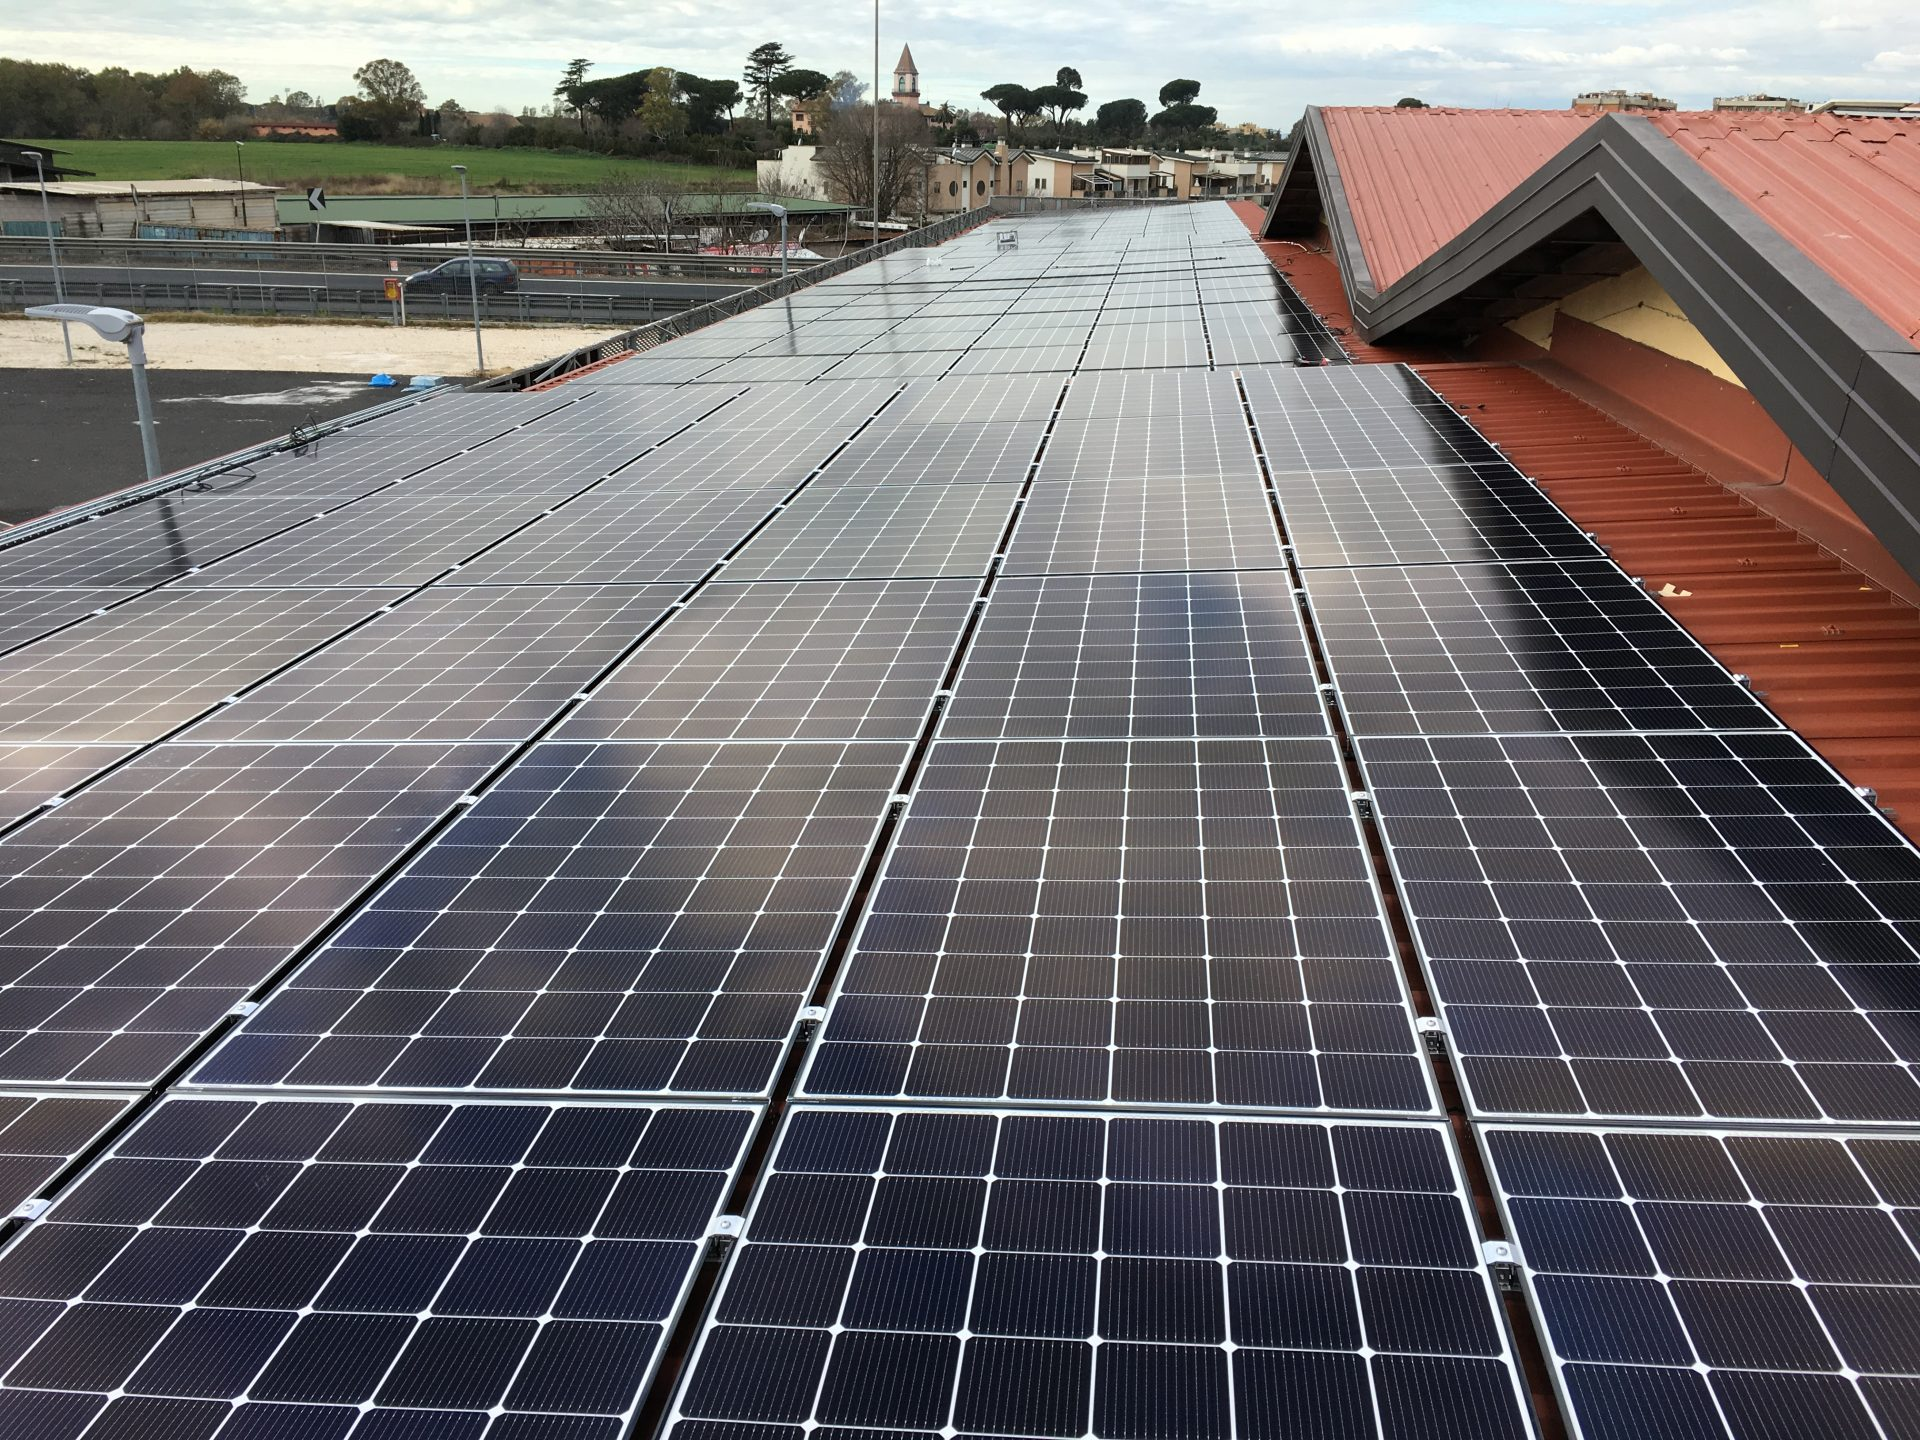 Realizzazione impianti fotovoltaici per autoconsumo su attività commerciali ed industriali (50-200 kWp)